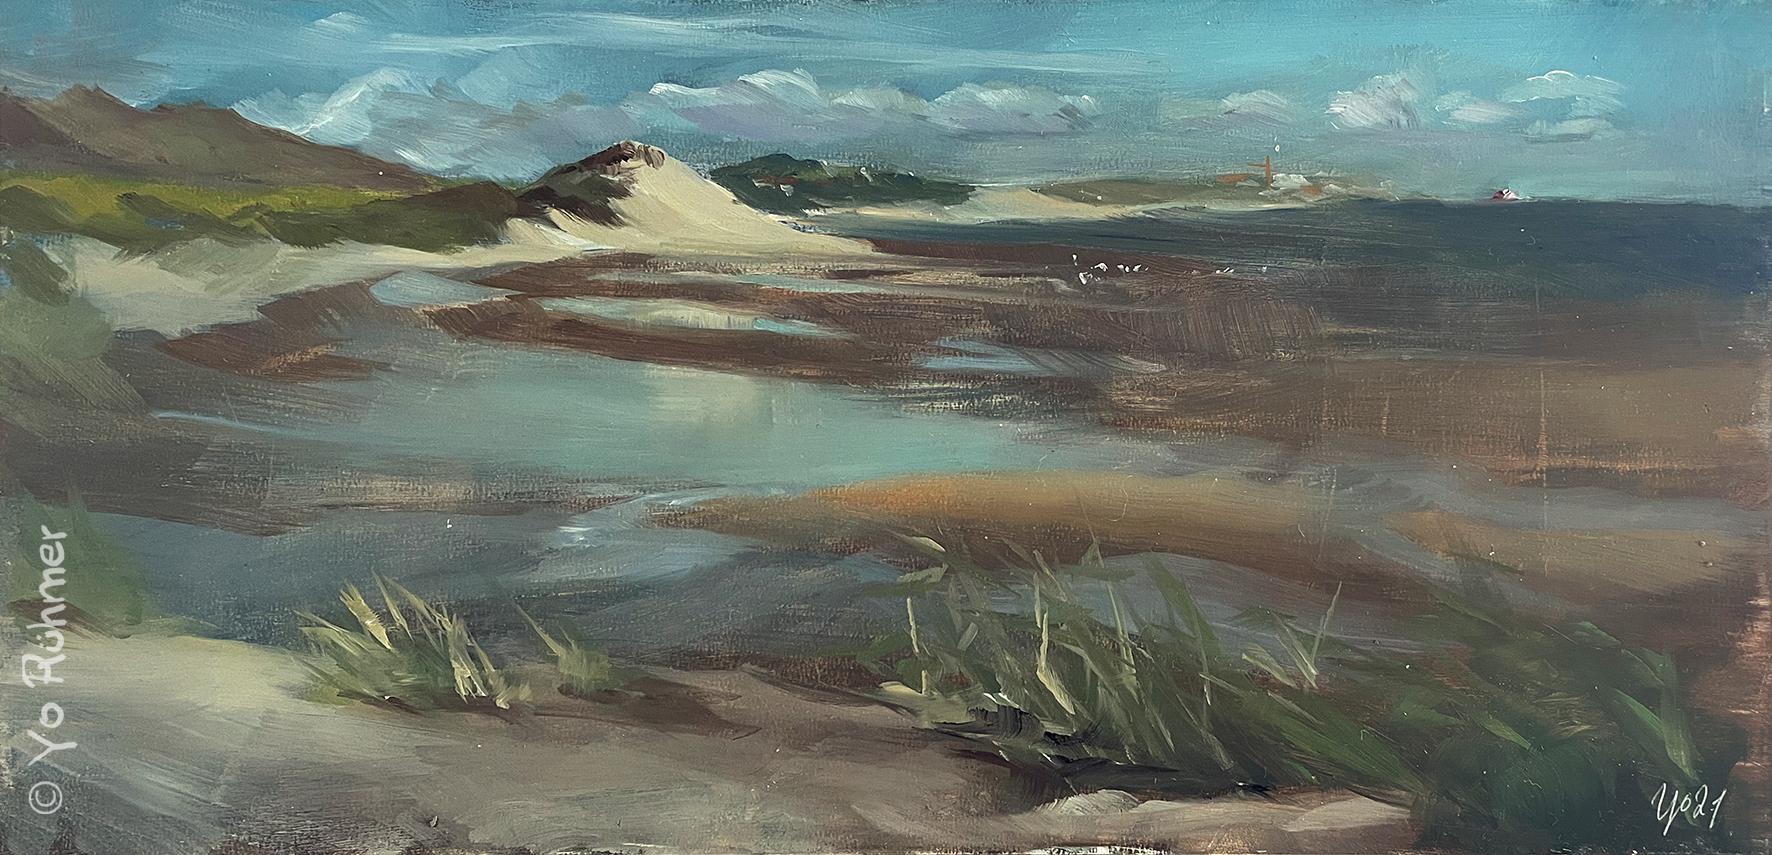 sylt-Watt-pleinairmalerei-907